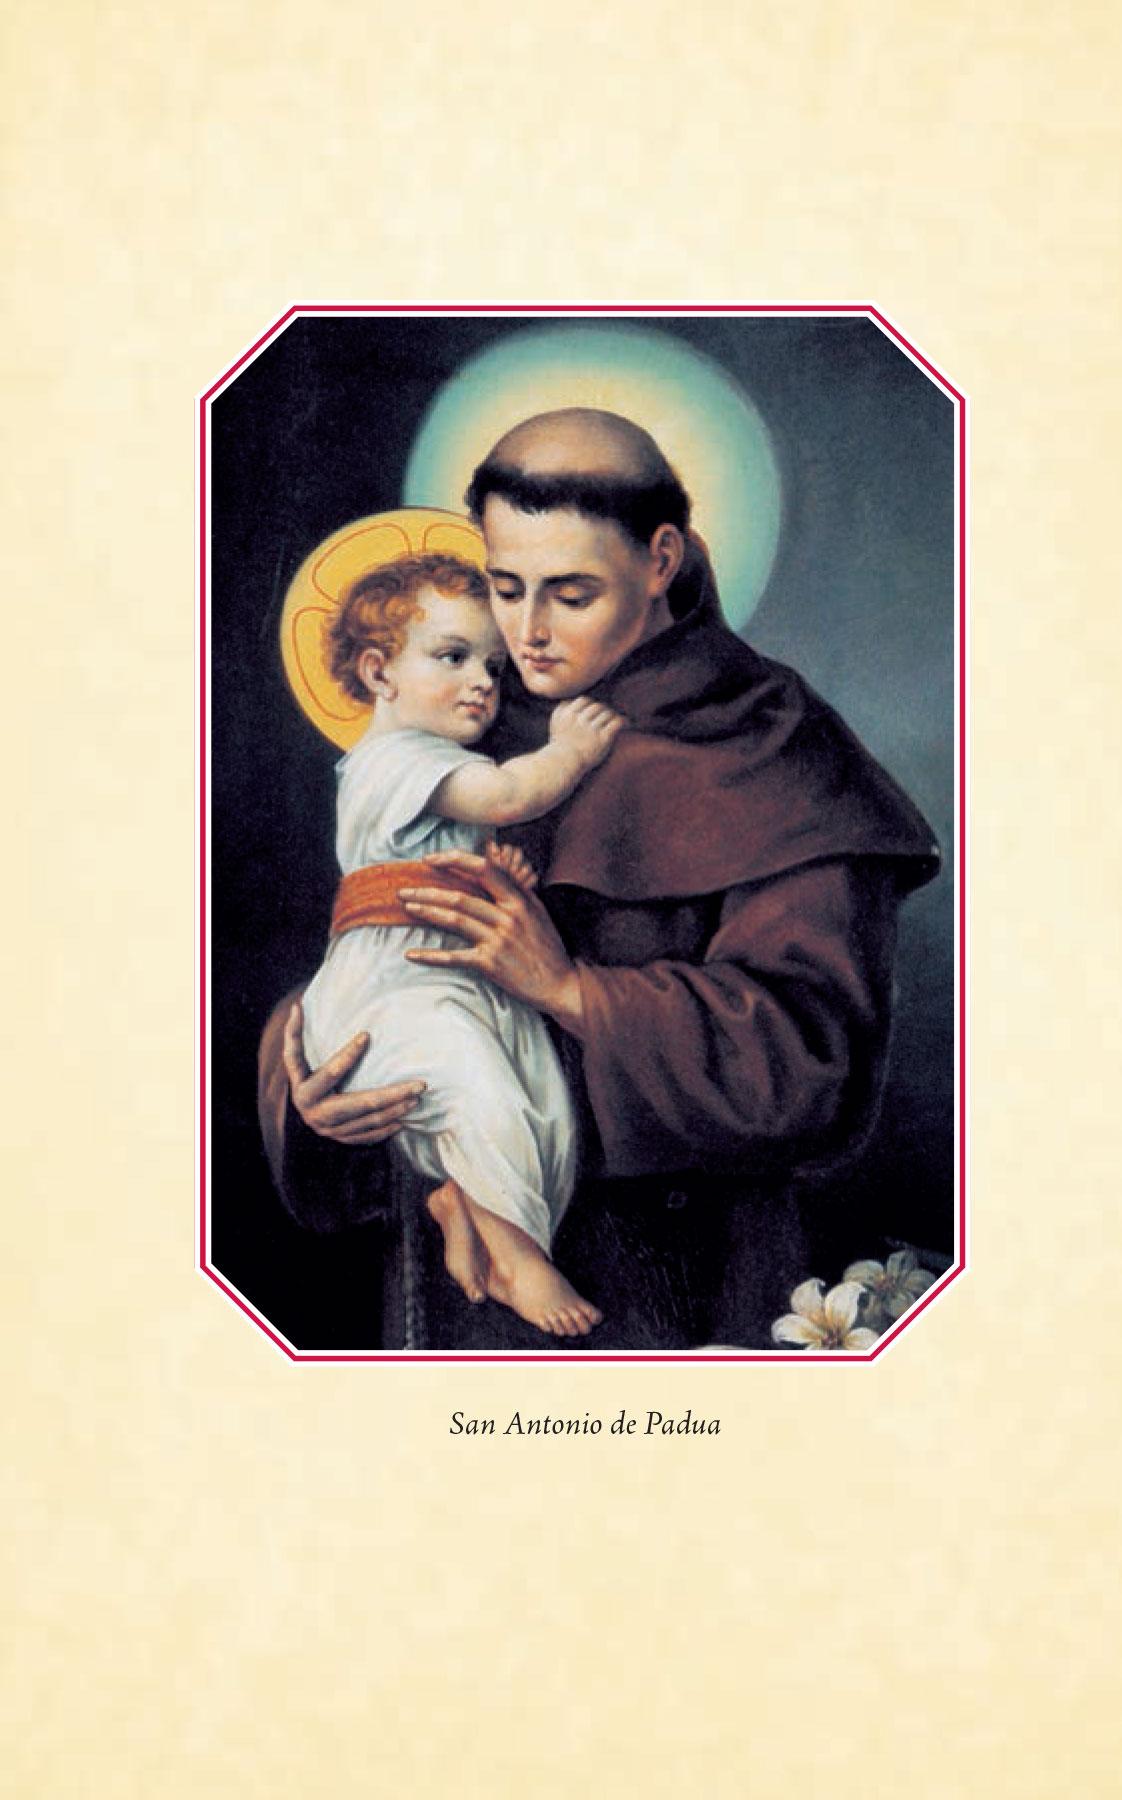 Divino Niño Jesús - San Antonio de Padua y Niño Jesús